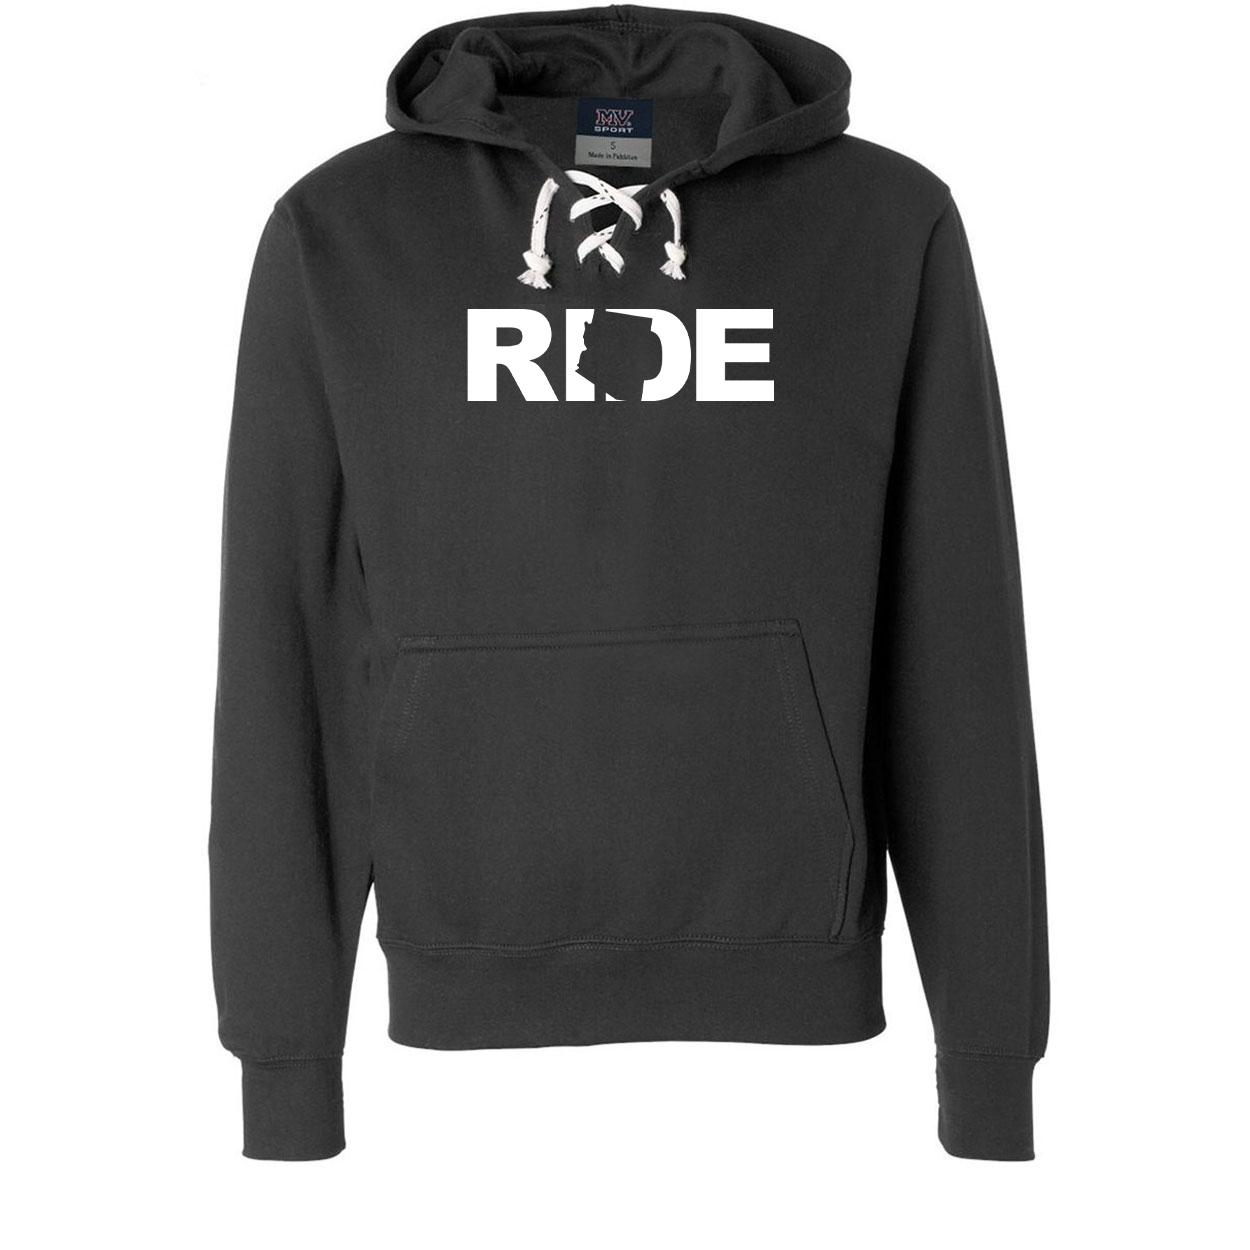 Ride Arizona Classic Unisex Premium Hockey Sweatshirt Black (White Logo)